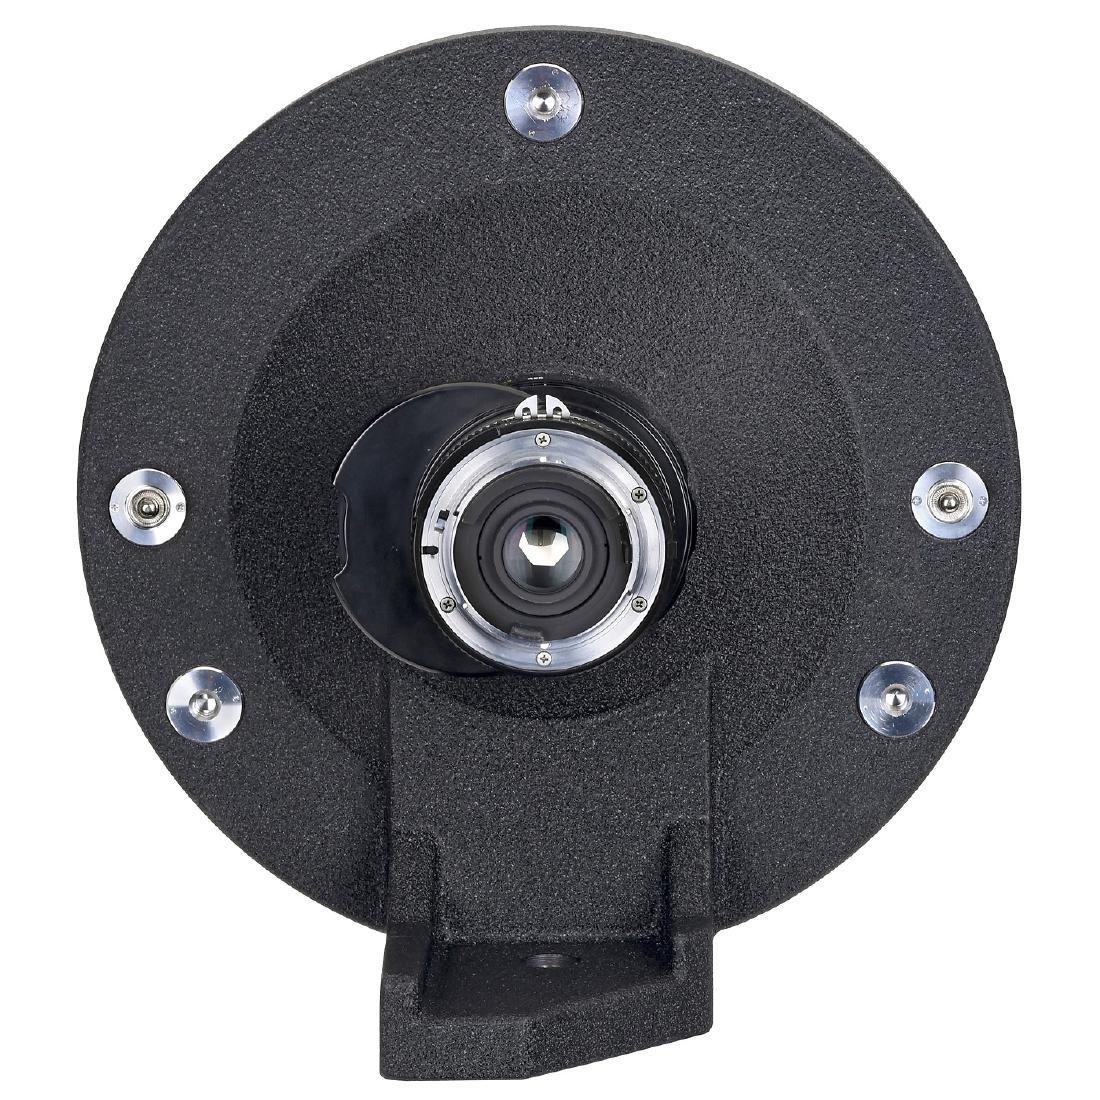 Nikon Fisheye-Nikkor 2,8/6 mm, AI-S, c. 1977 - 6